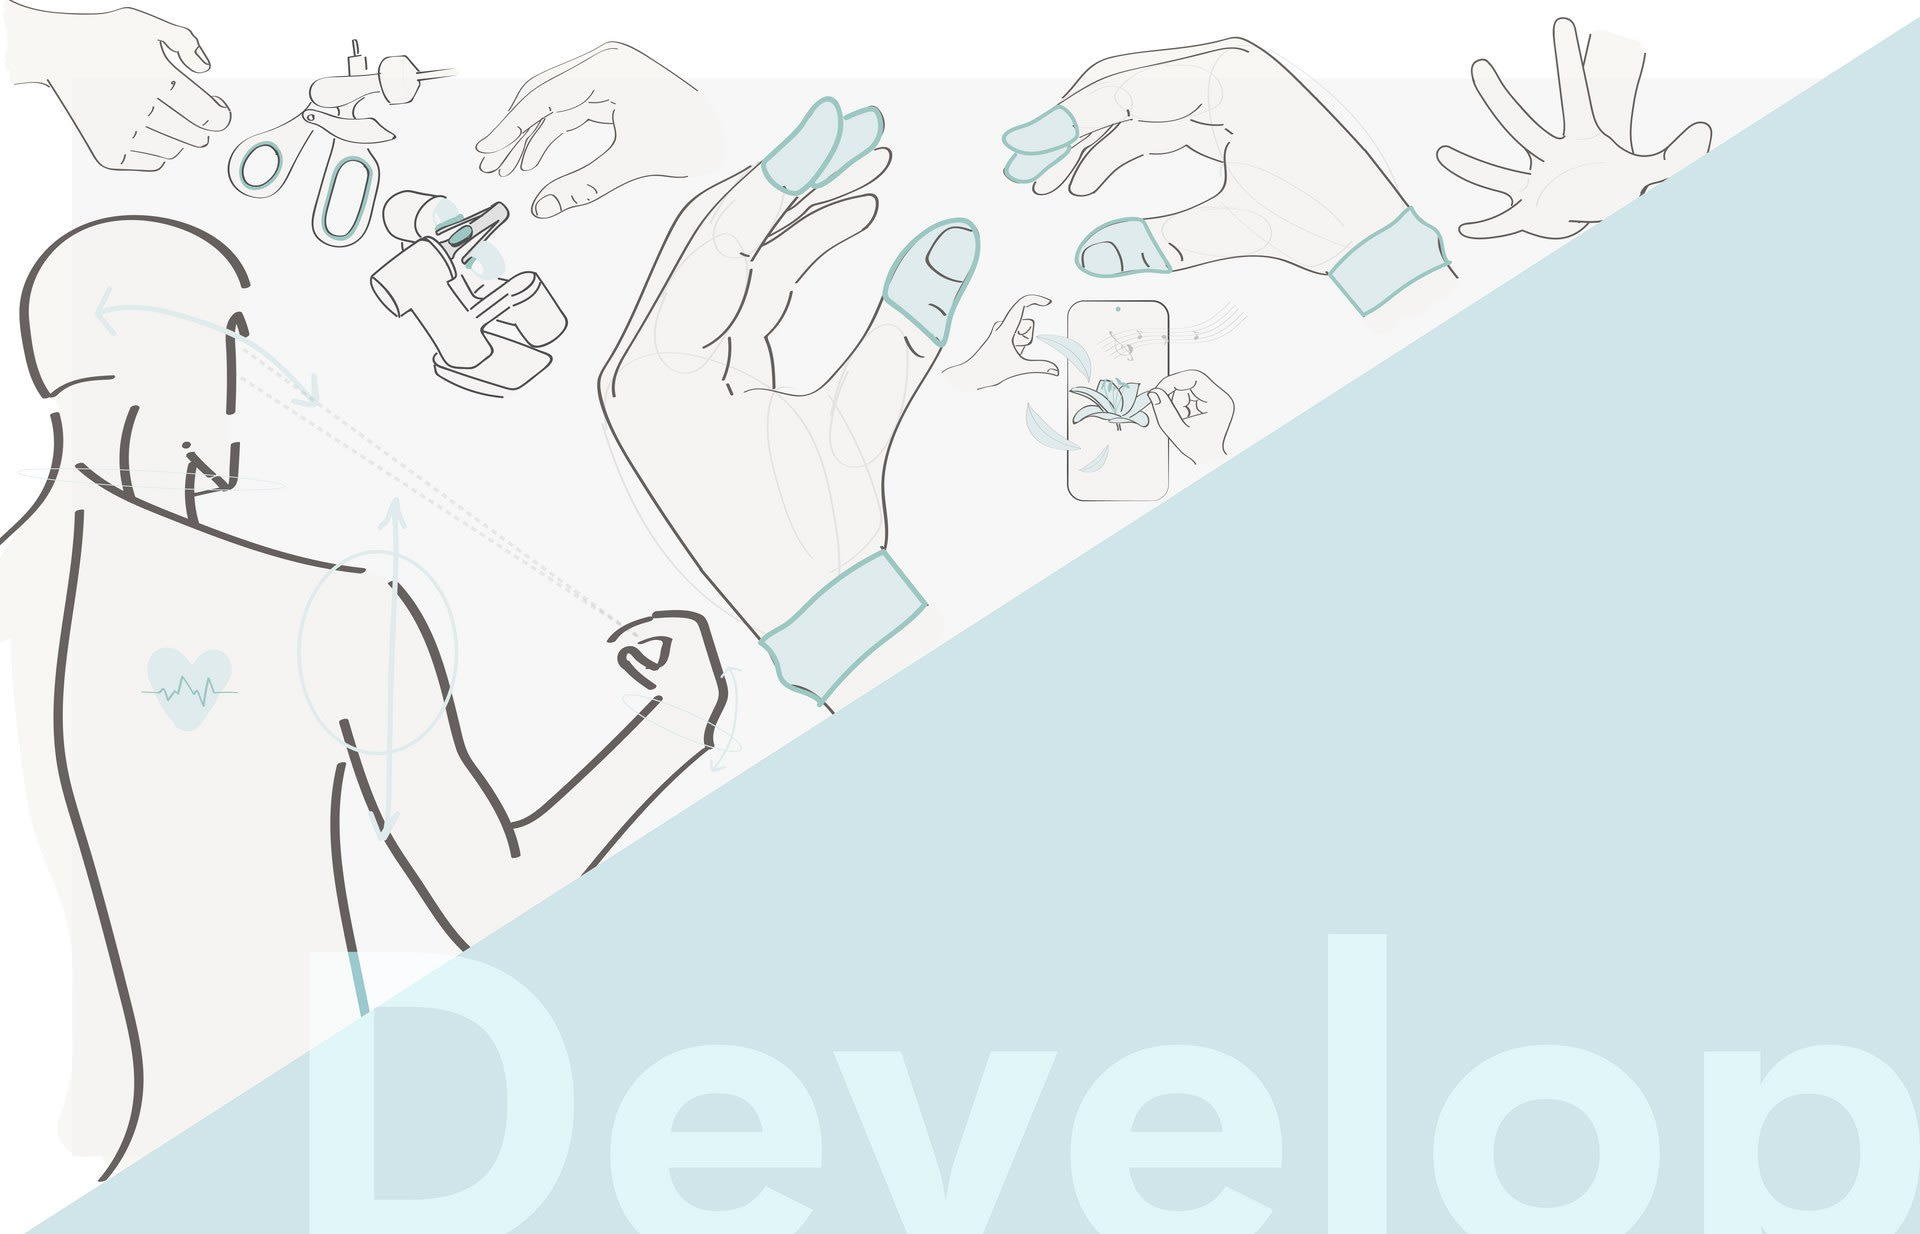 _Develop